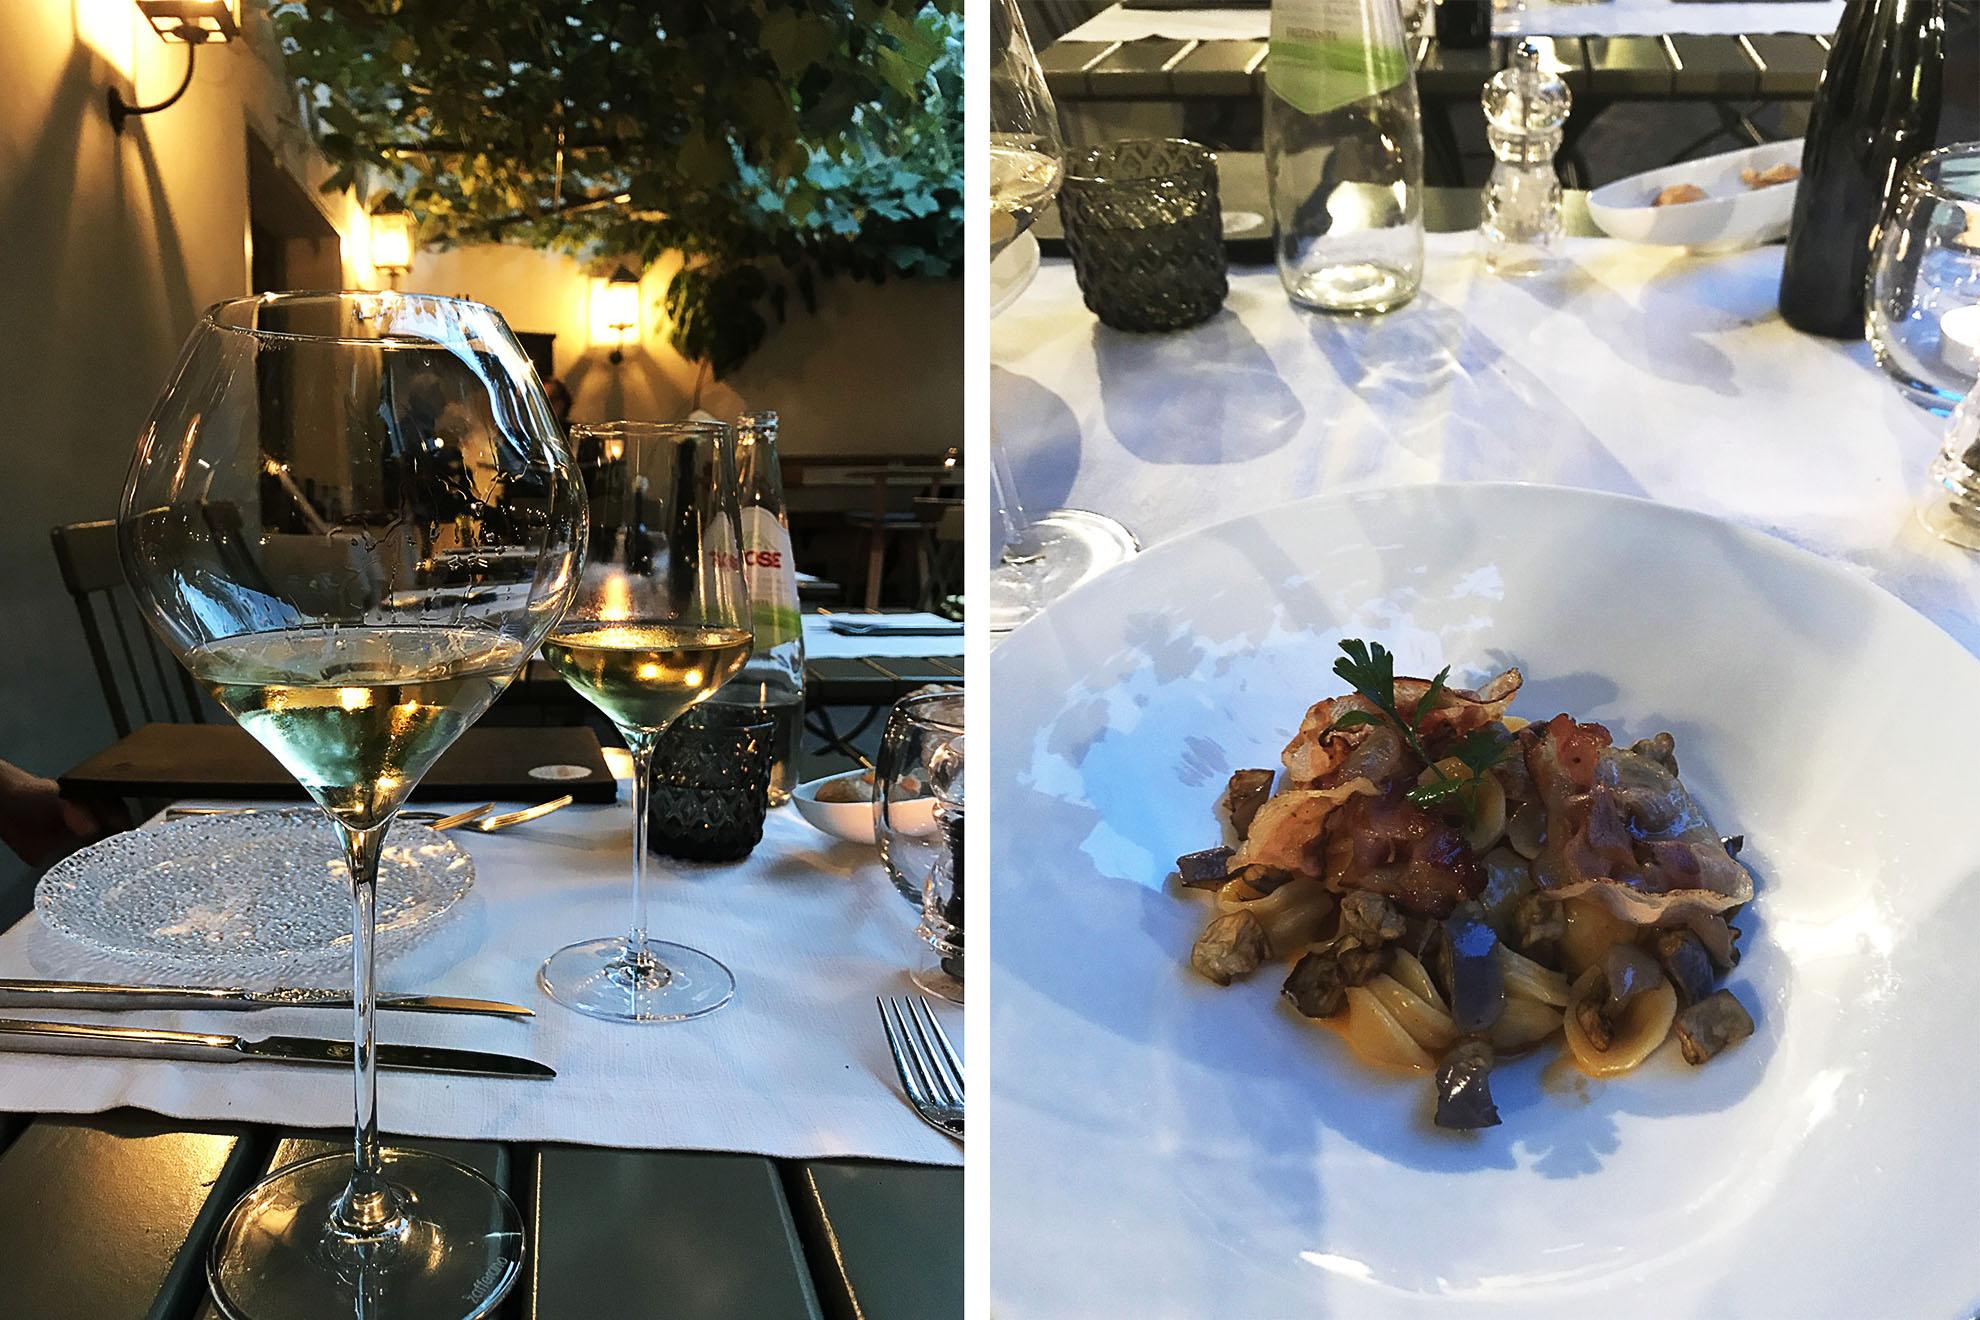 Bressanone i restauracja Vitis, pinot grigio i danie ze speckiem - przysmaki loklanej kuchni